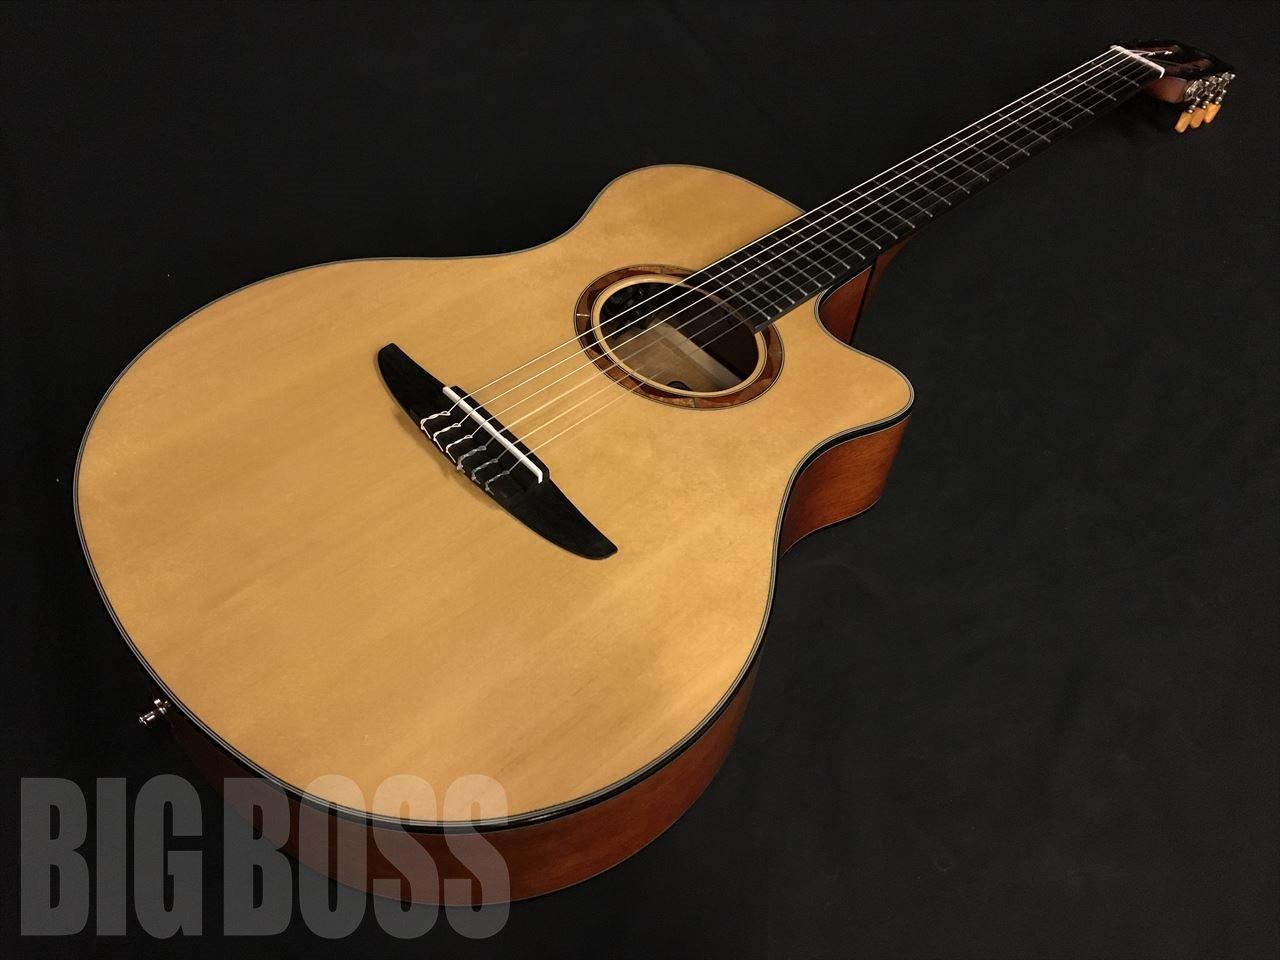 【日本未発売】 【即納可能】YAMAHA NTX700 エレガットギター NTX700, カミカワチョウ:dc70aca1 --- futurabrands.com